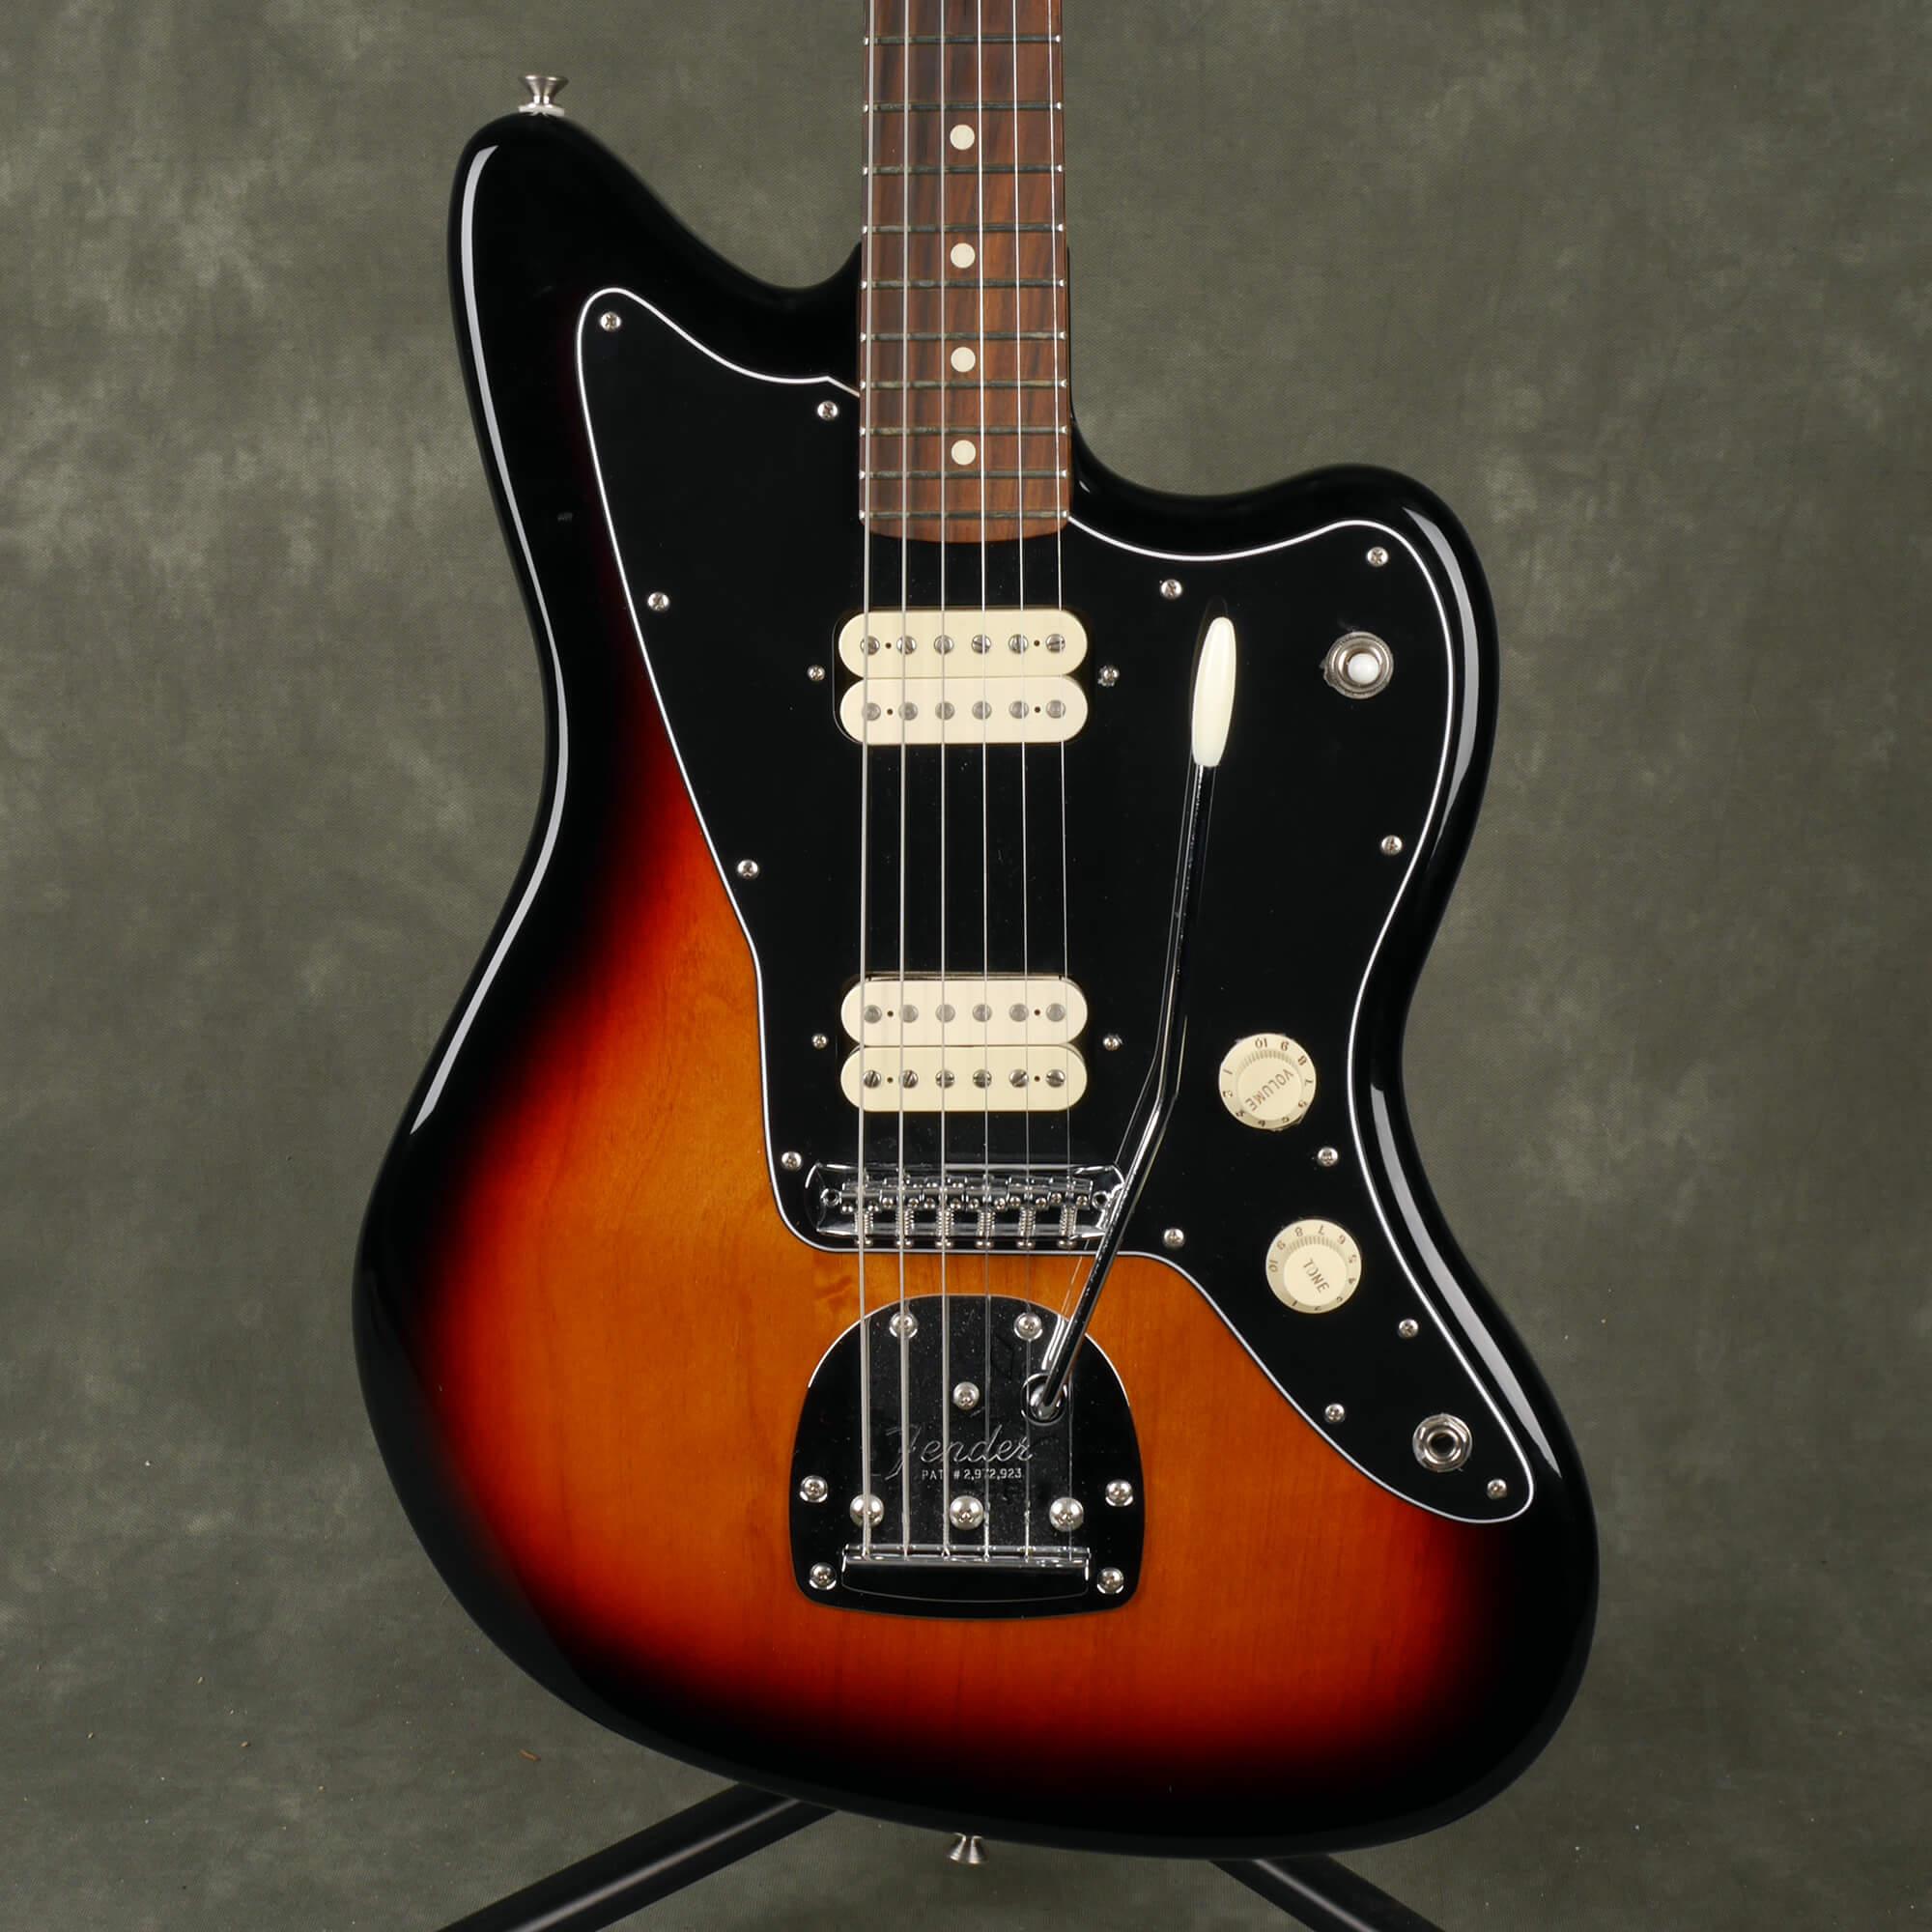 Fender Player Jazzmaster Sunburst - 2nd Hand